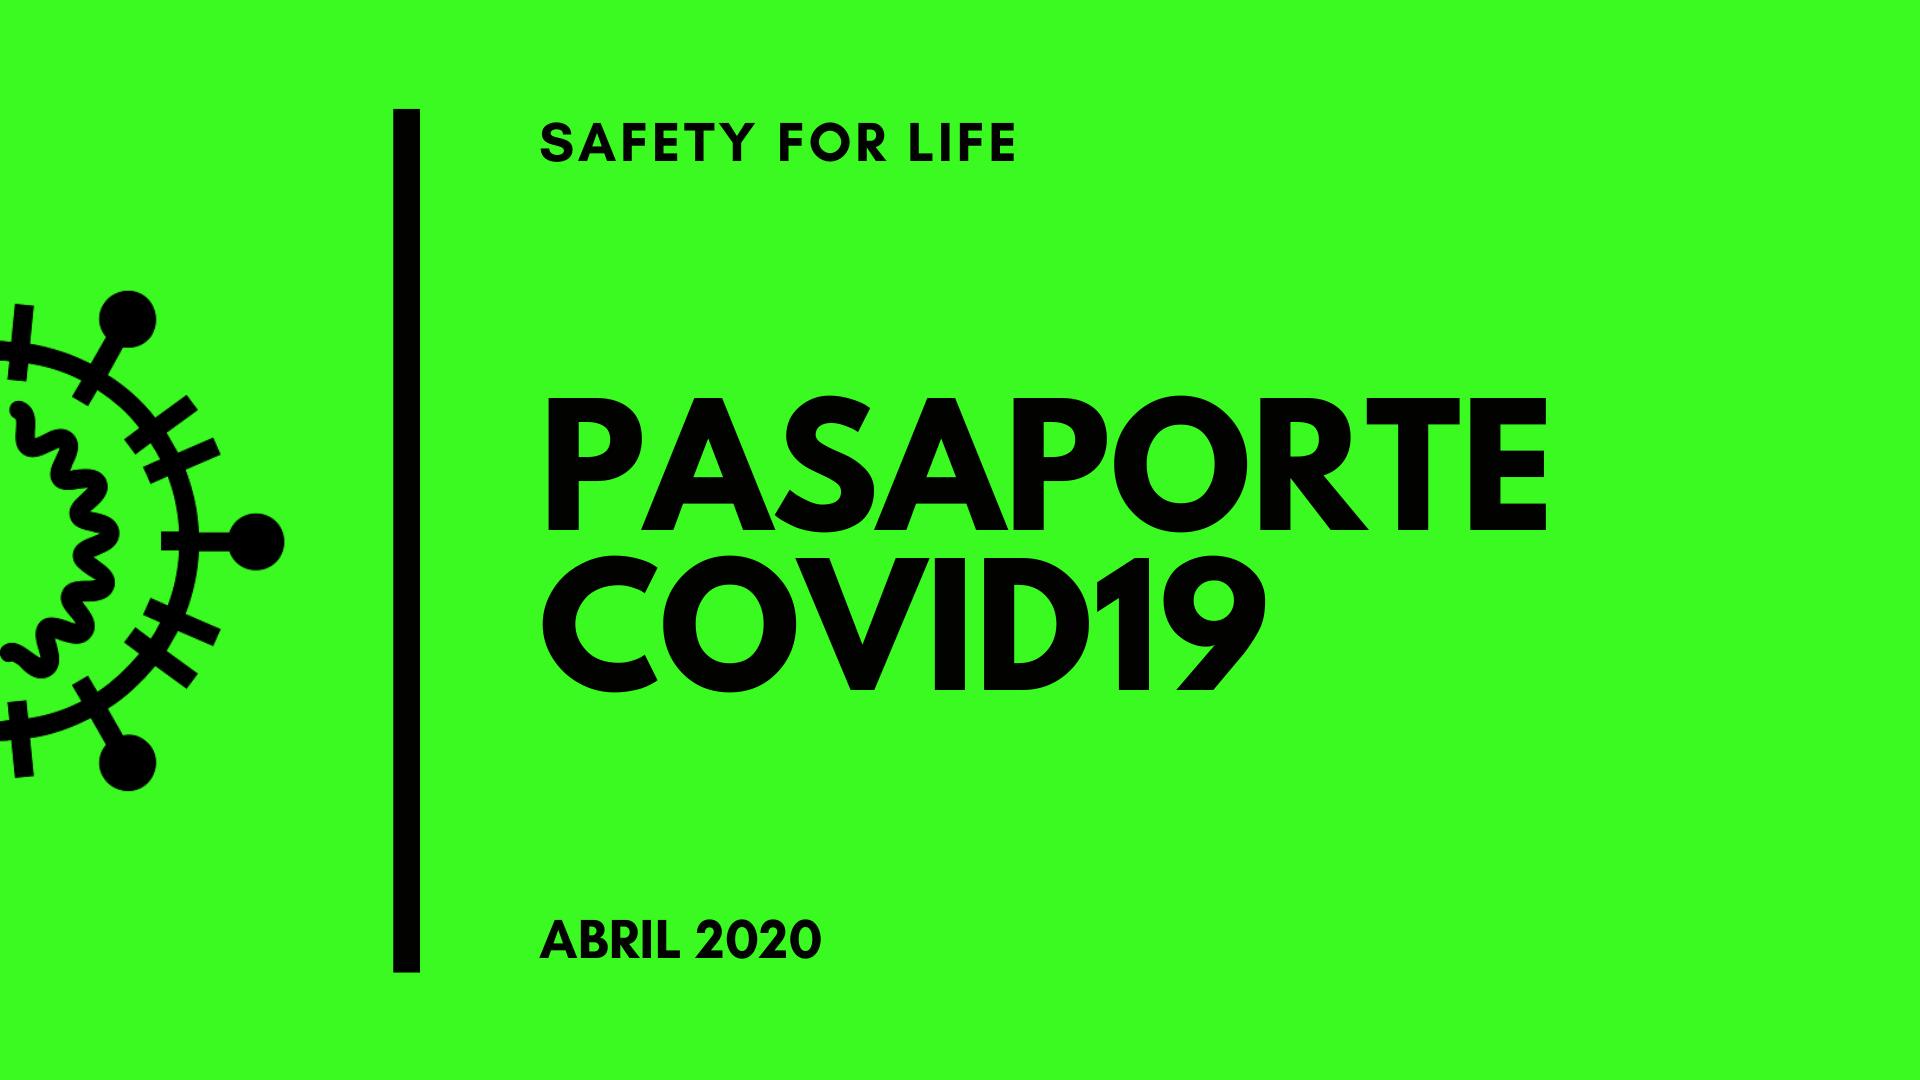 Pasaporte Covid19